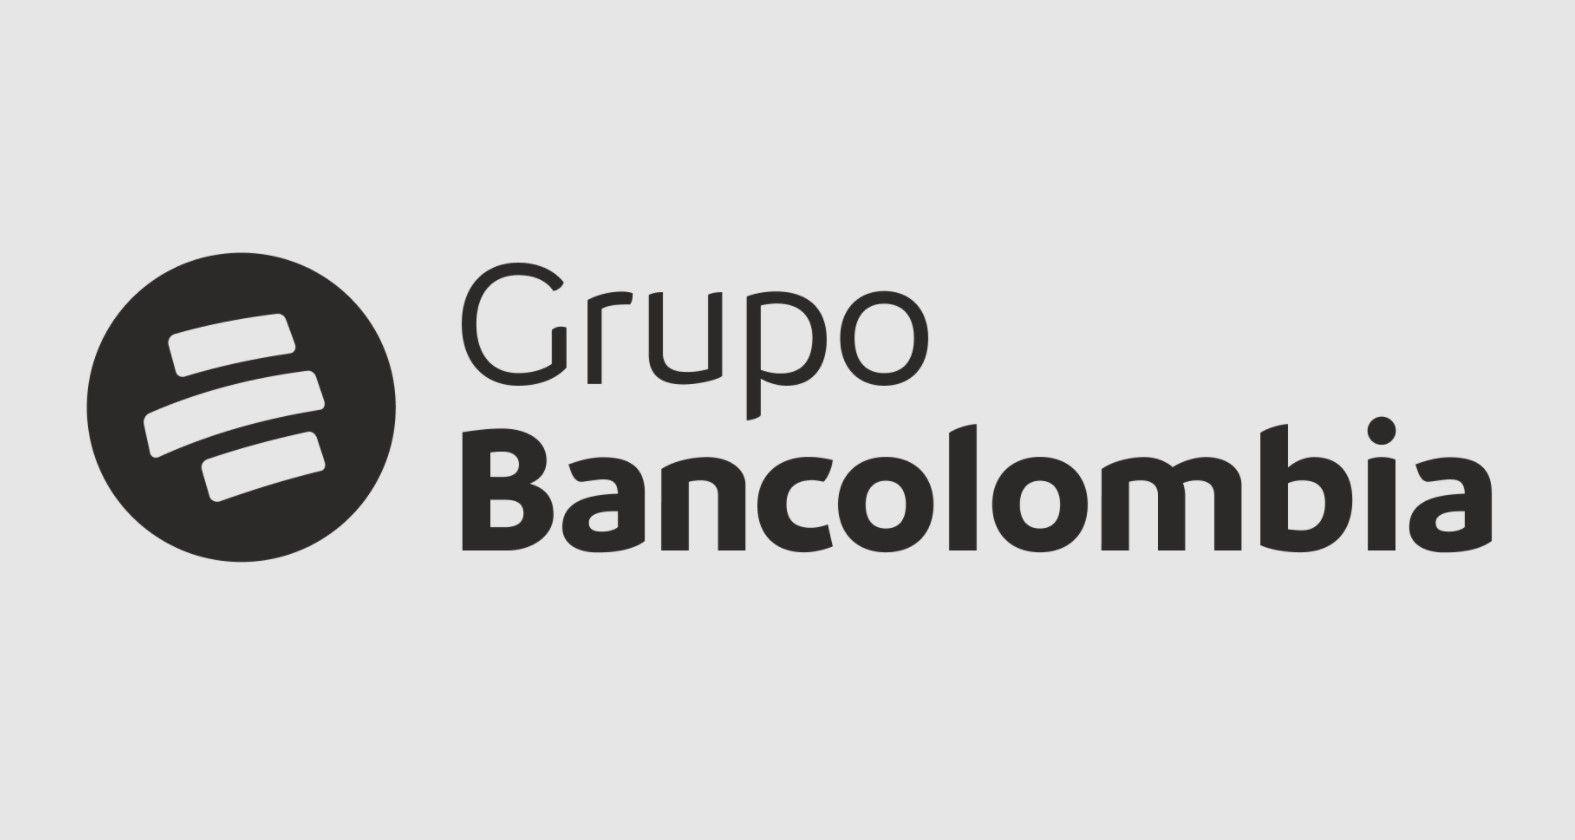 Ingreso Solidario: Confirmada la fecha del giro 14 por Bancolombia